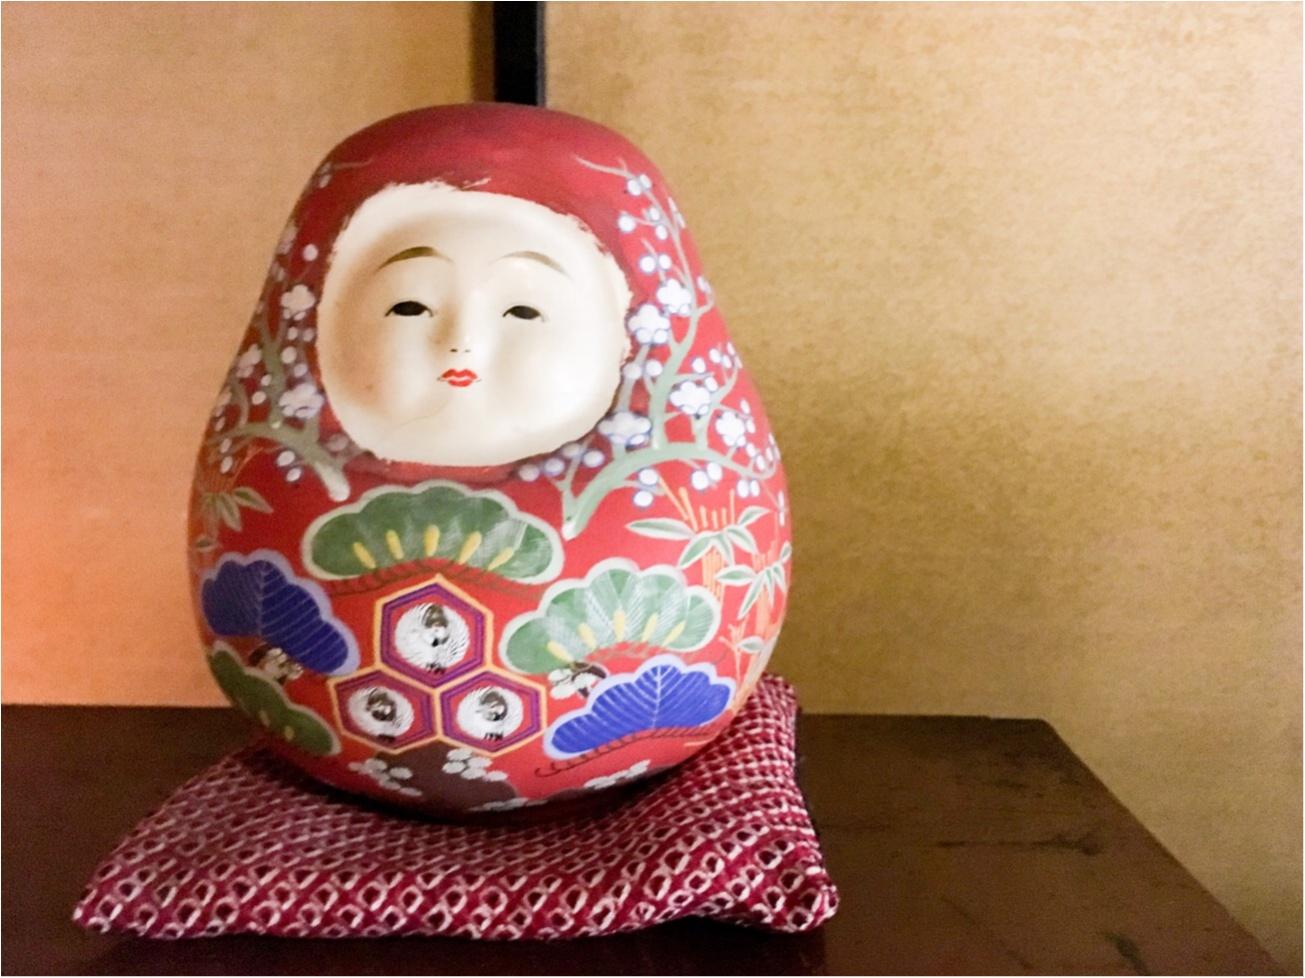 金沢女子旅特集 - 日帰り・週末旅行に! 金沢21世紀美術館など観光地やグルメまとめ_90